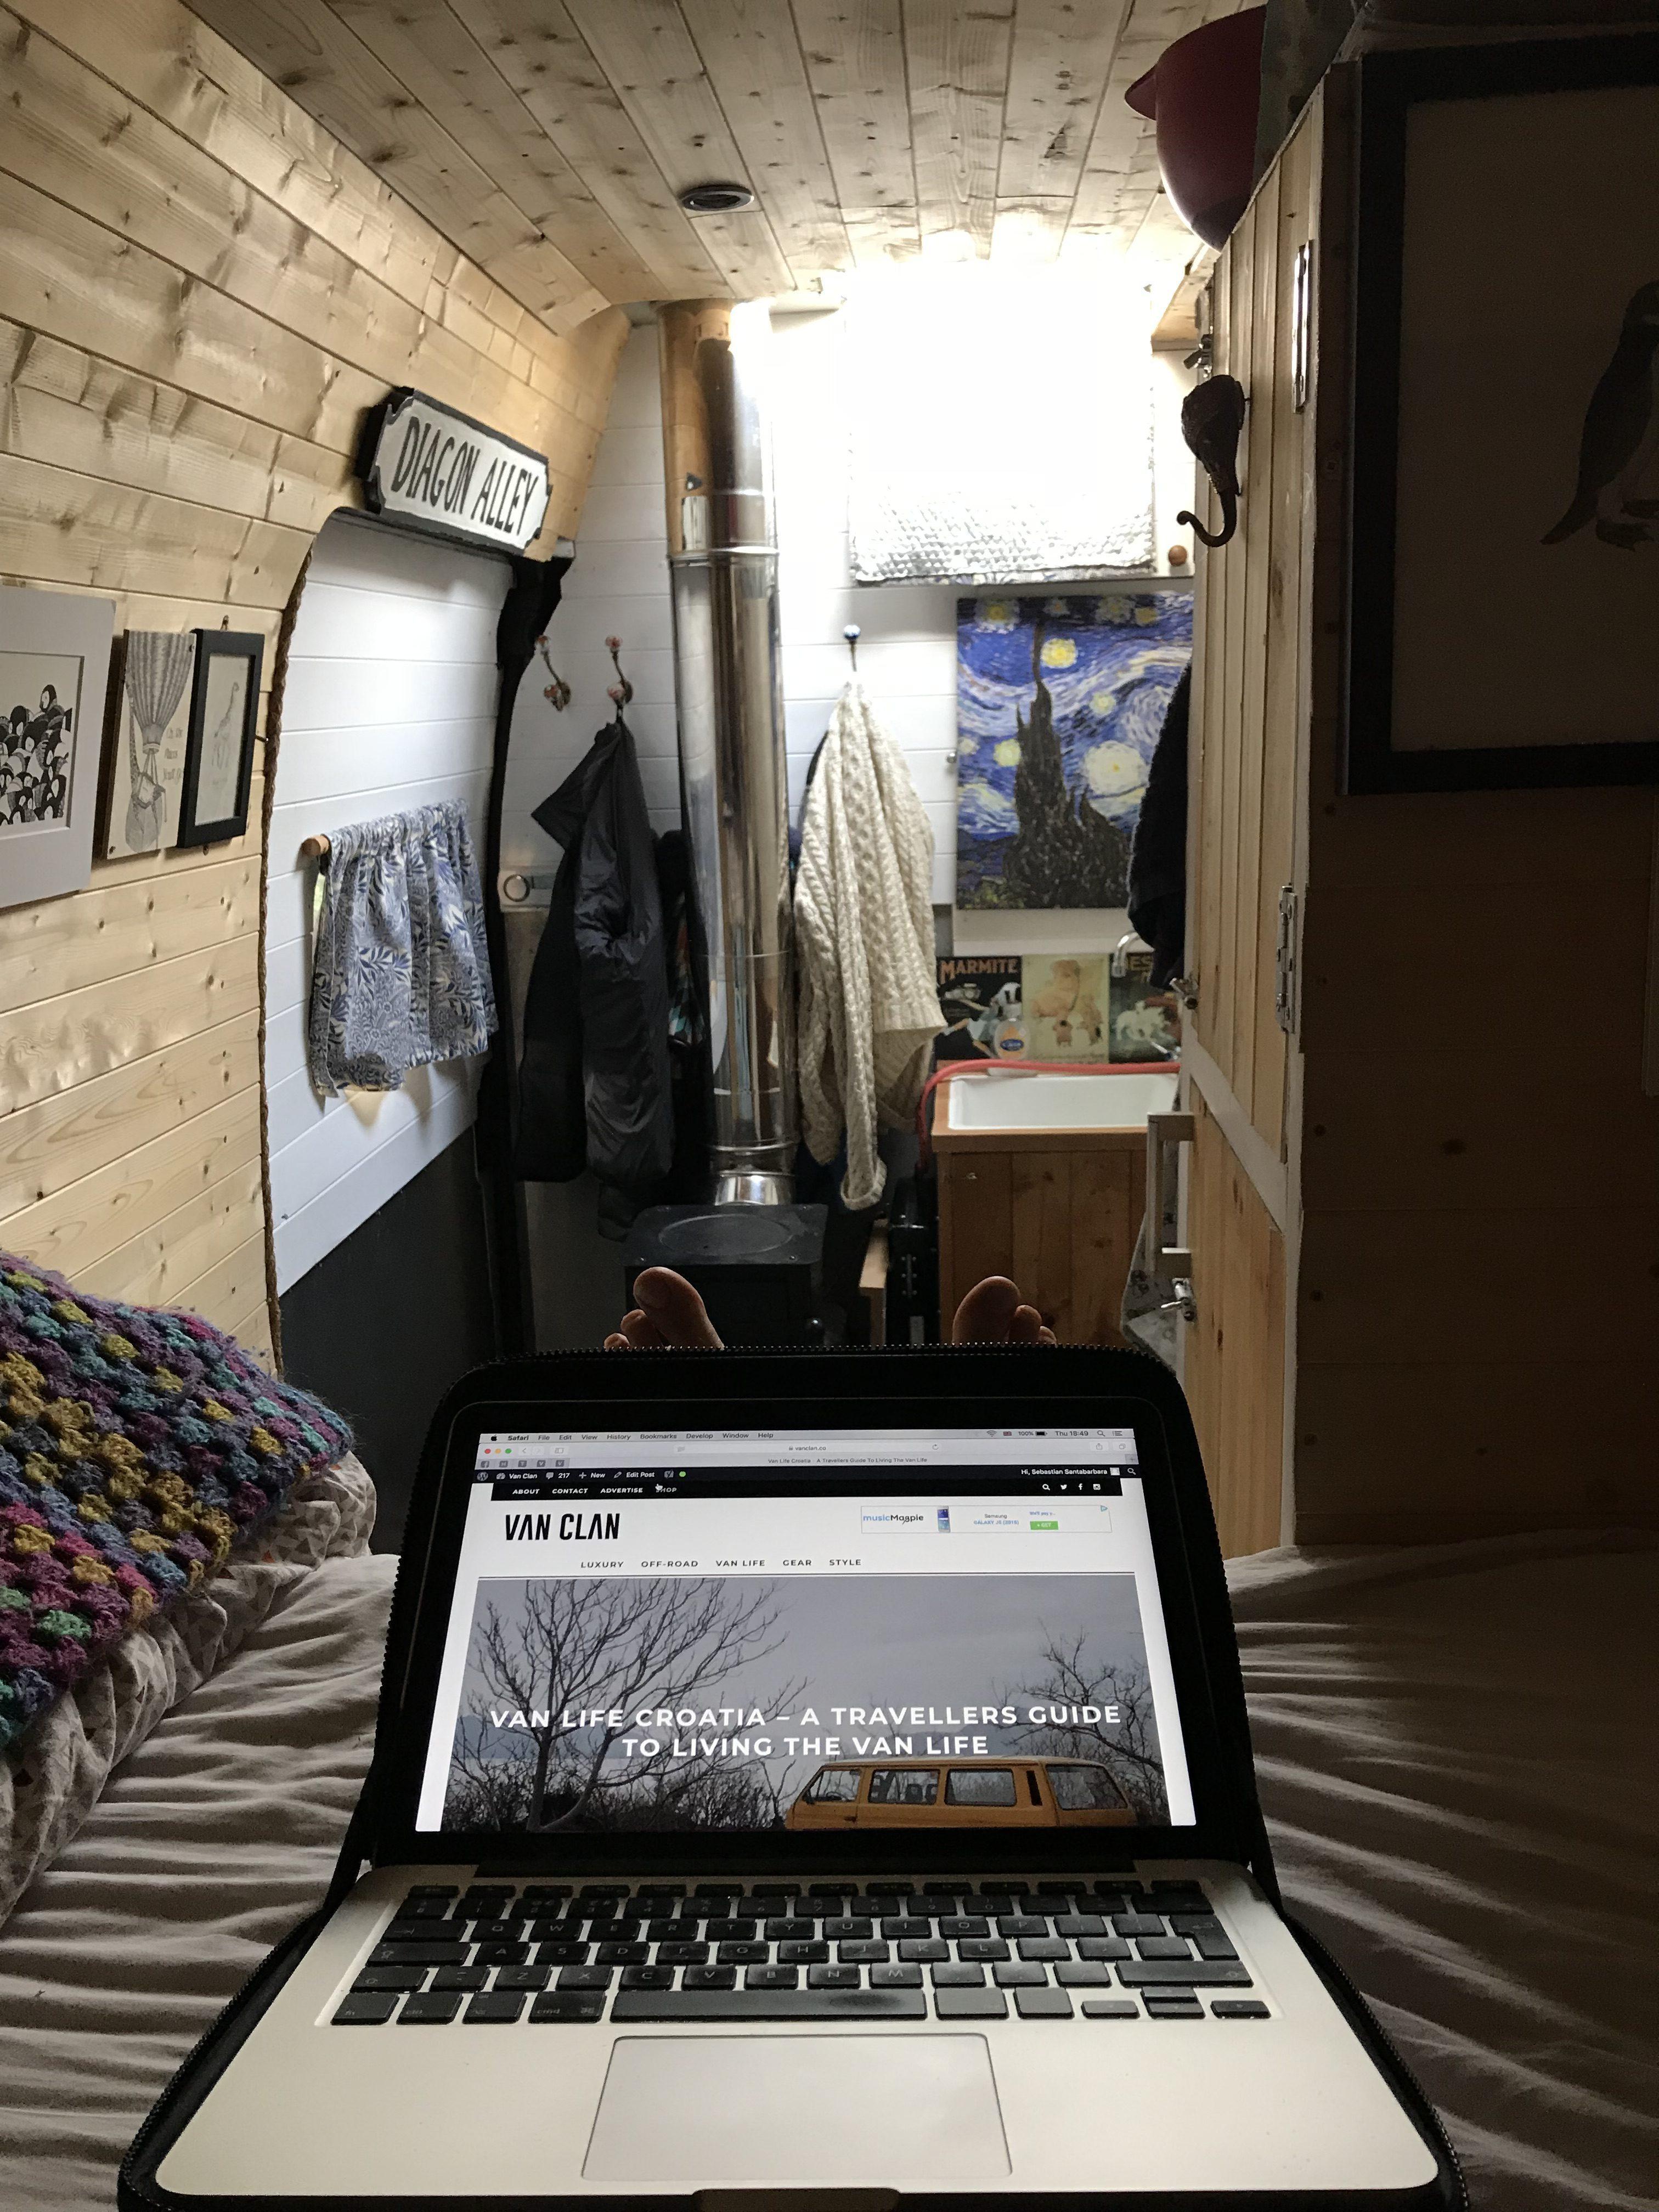 Travelling in a van - tethering